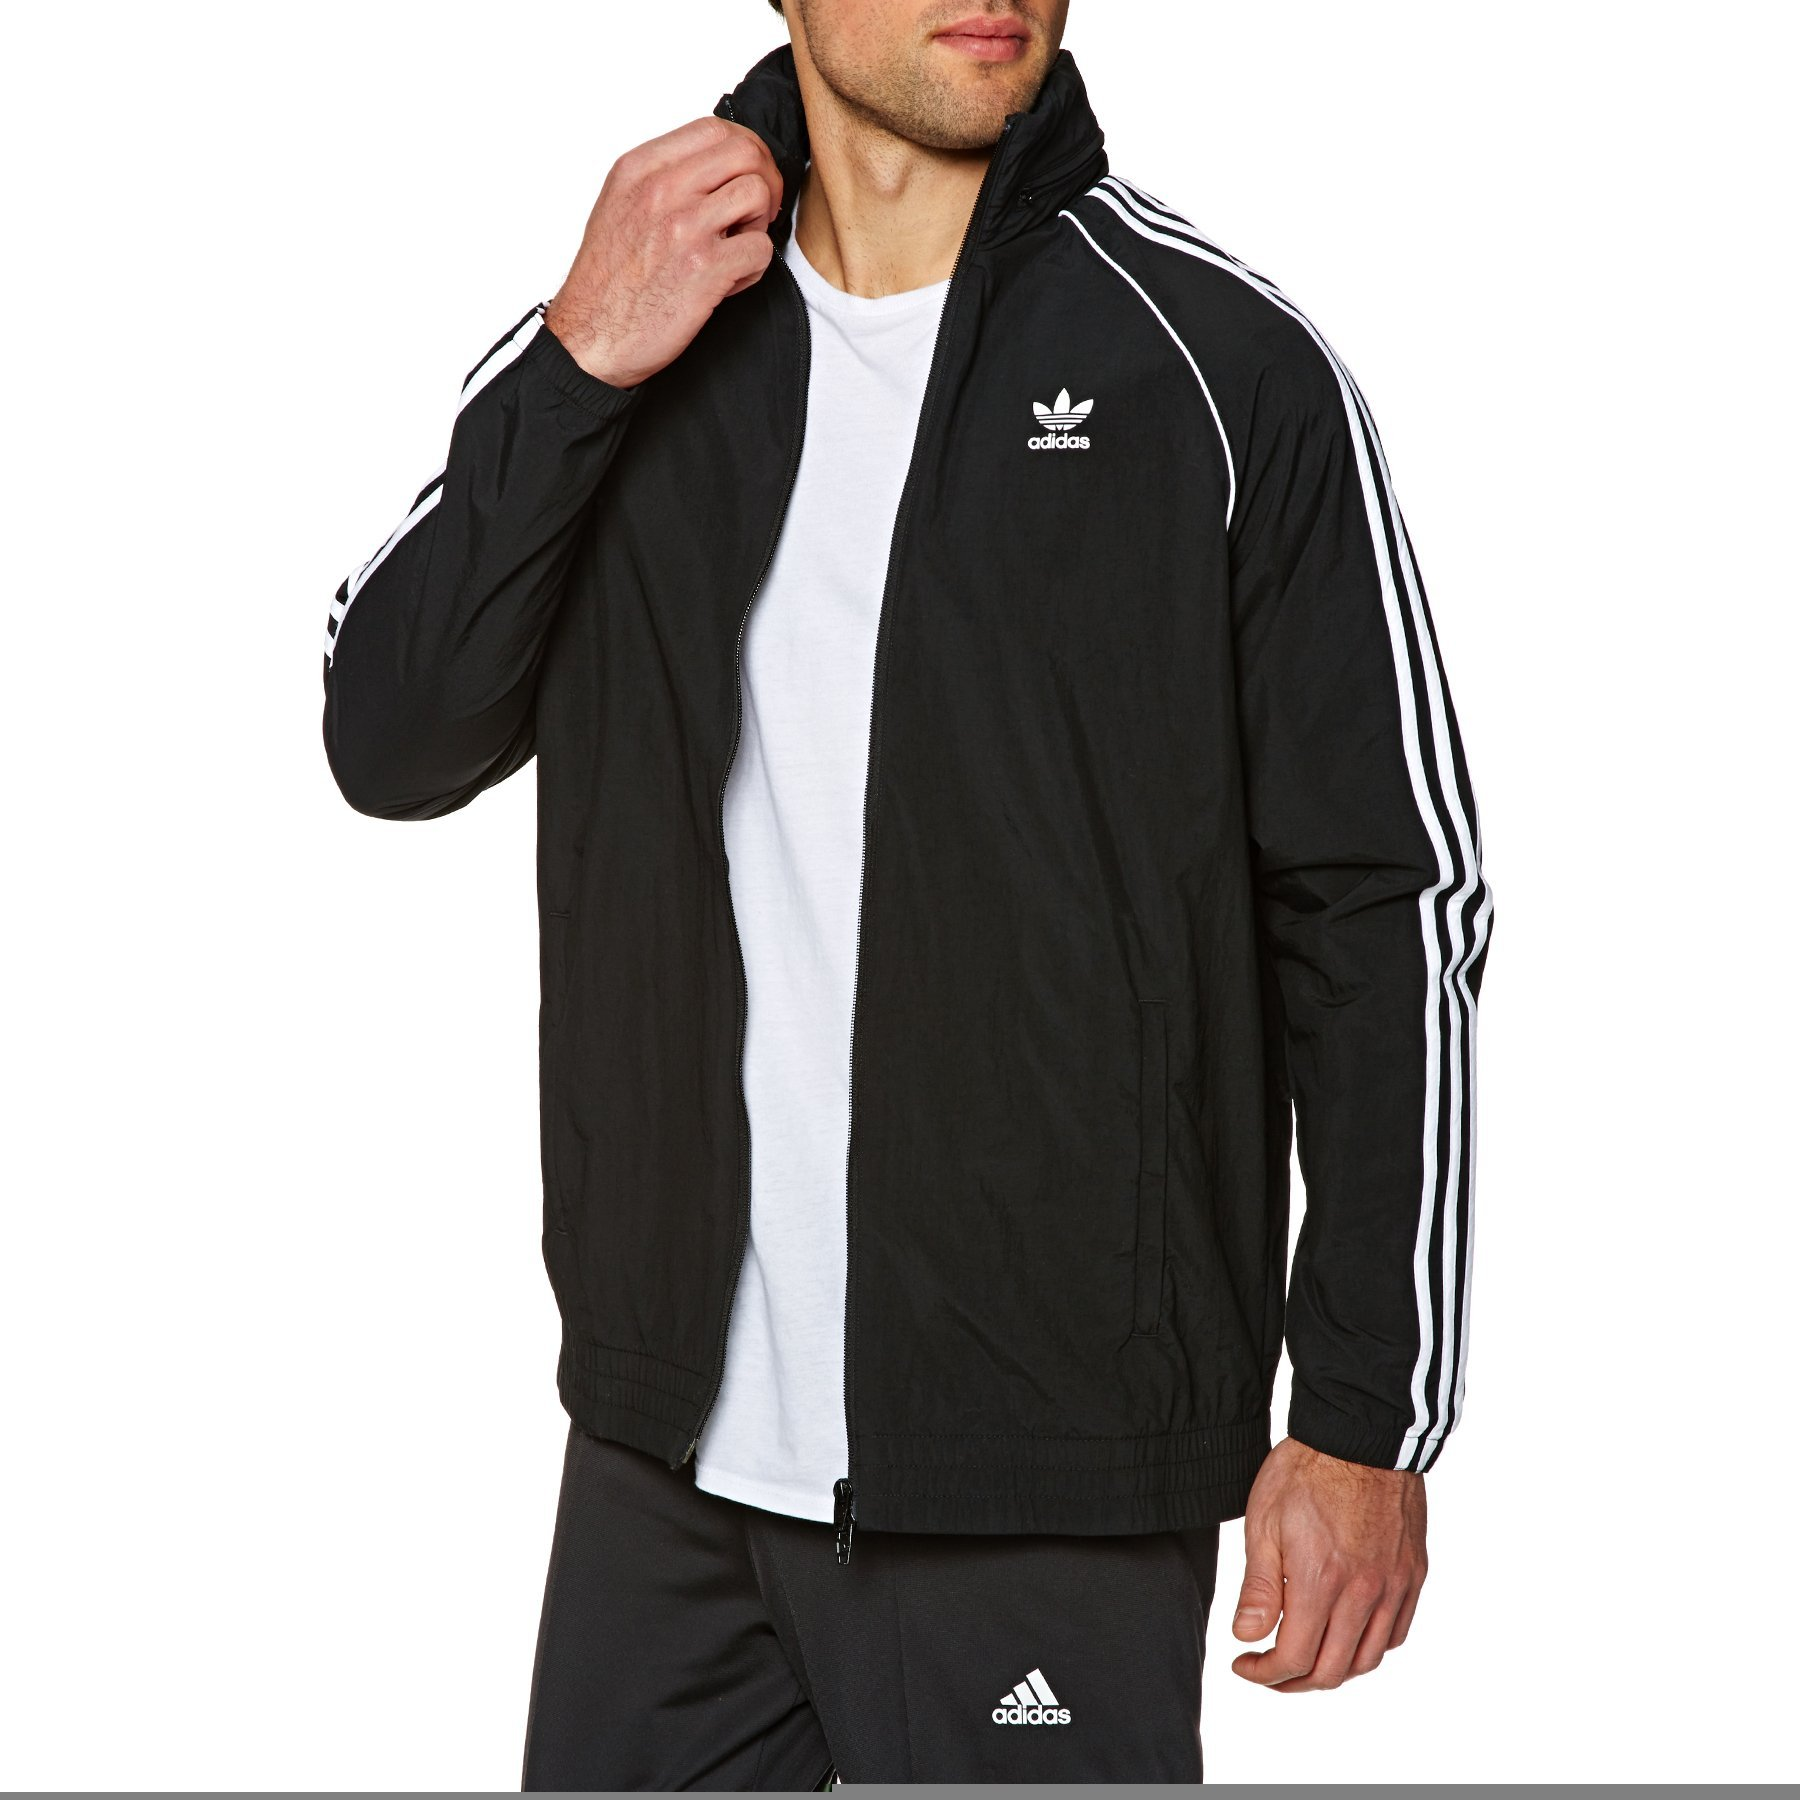 90ed036234 Galleon - Adidas Originals SST Windbreaker Jacket Large Black